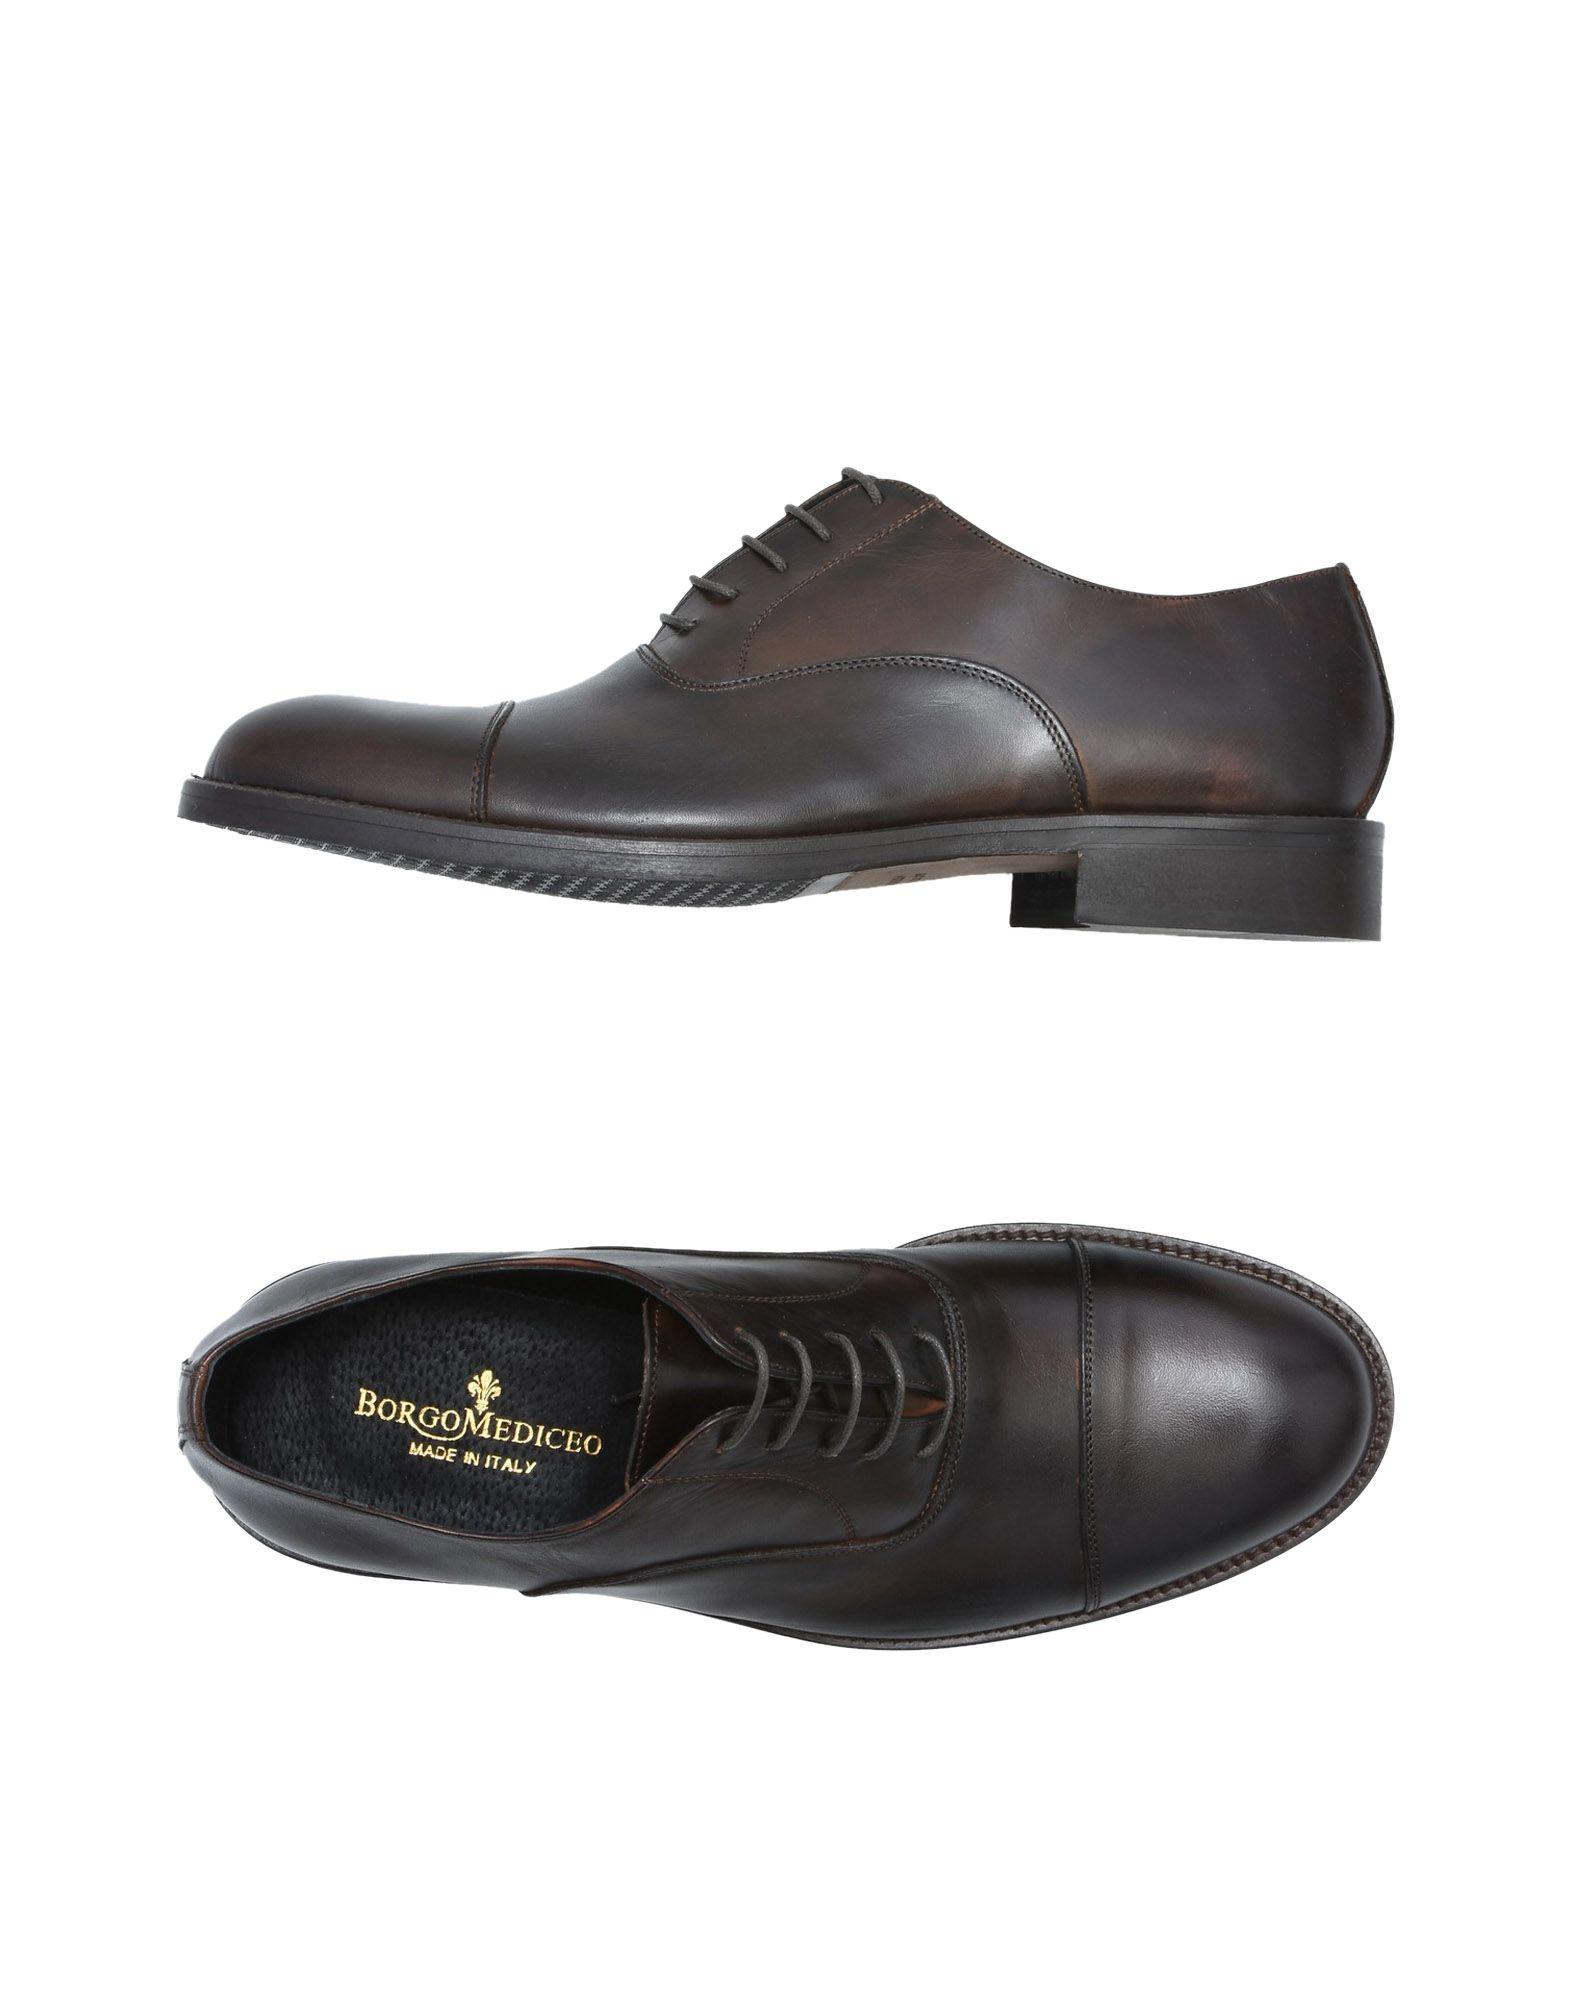 Borgo Mediceo Schnürschuhe Herren  11500754KO Neue Schuhe